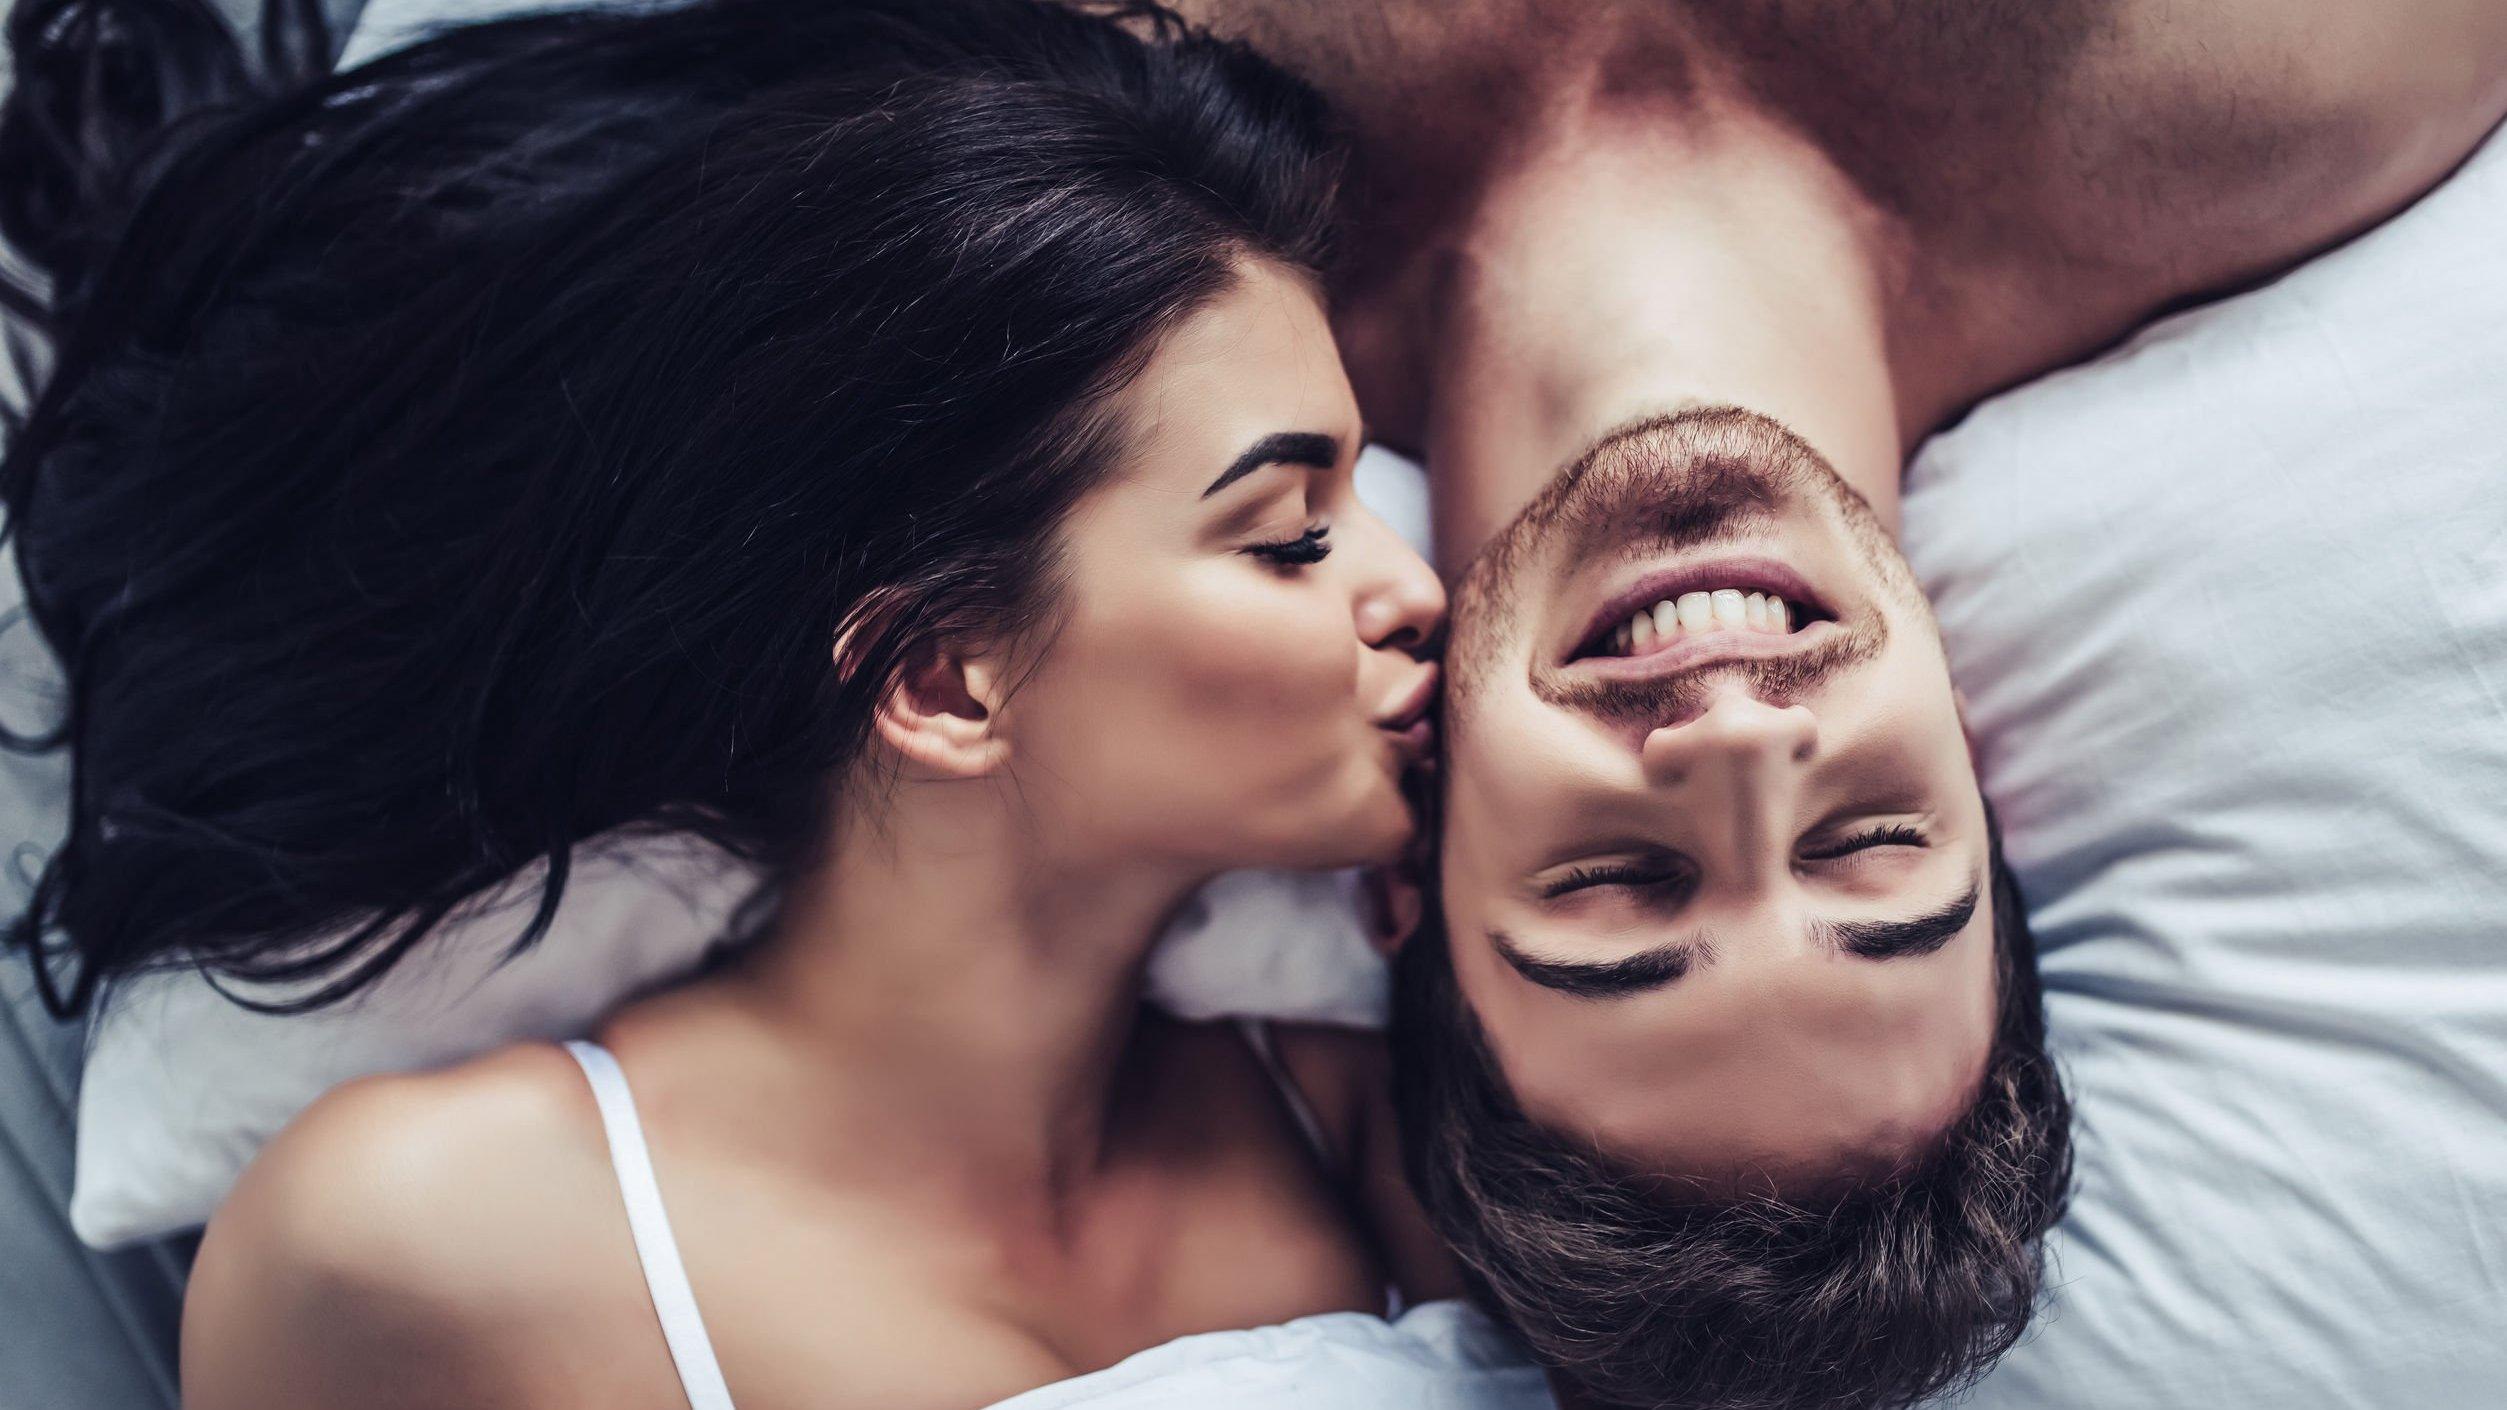 Mulher beija o rosto de um homem, os dois estão deitados em uma cama.